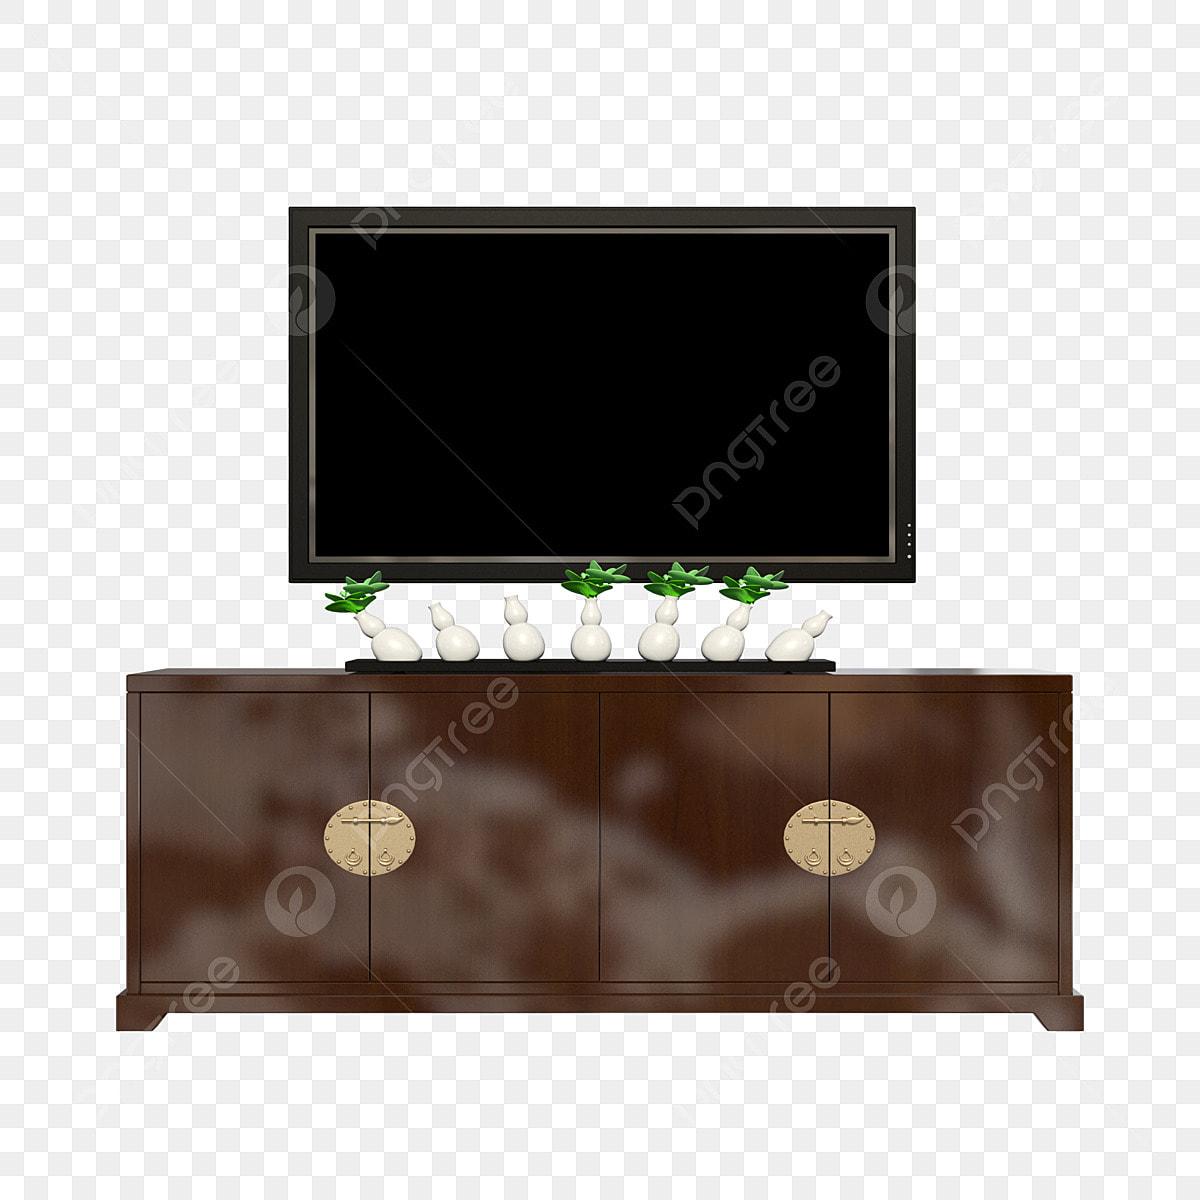 Meuble De Television Tv Couleur Chinois Meubles Tv Couleur Chinois Fichier Png Et Psd Pour Le Telechargement Libre